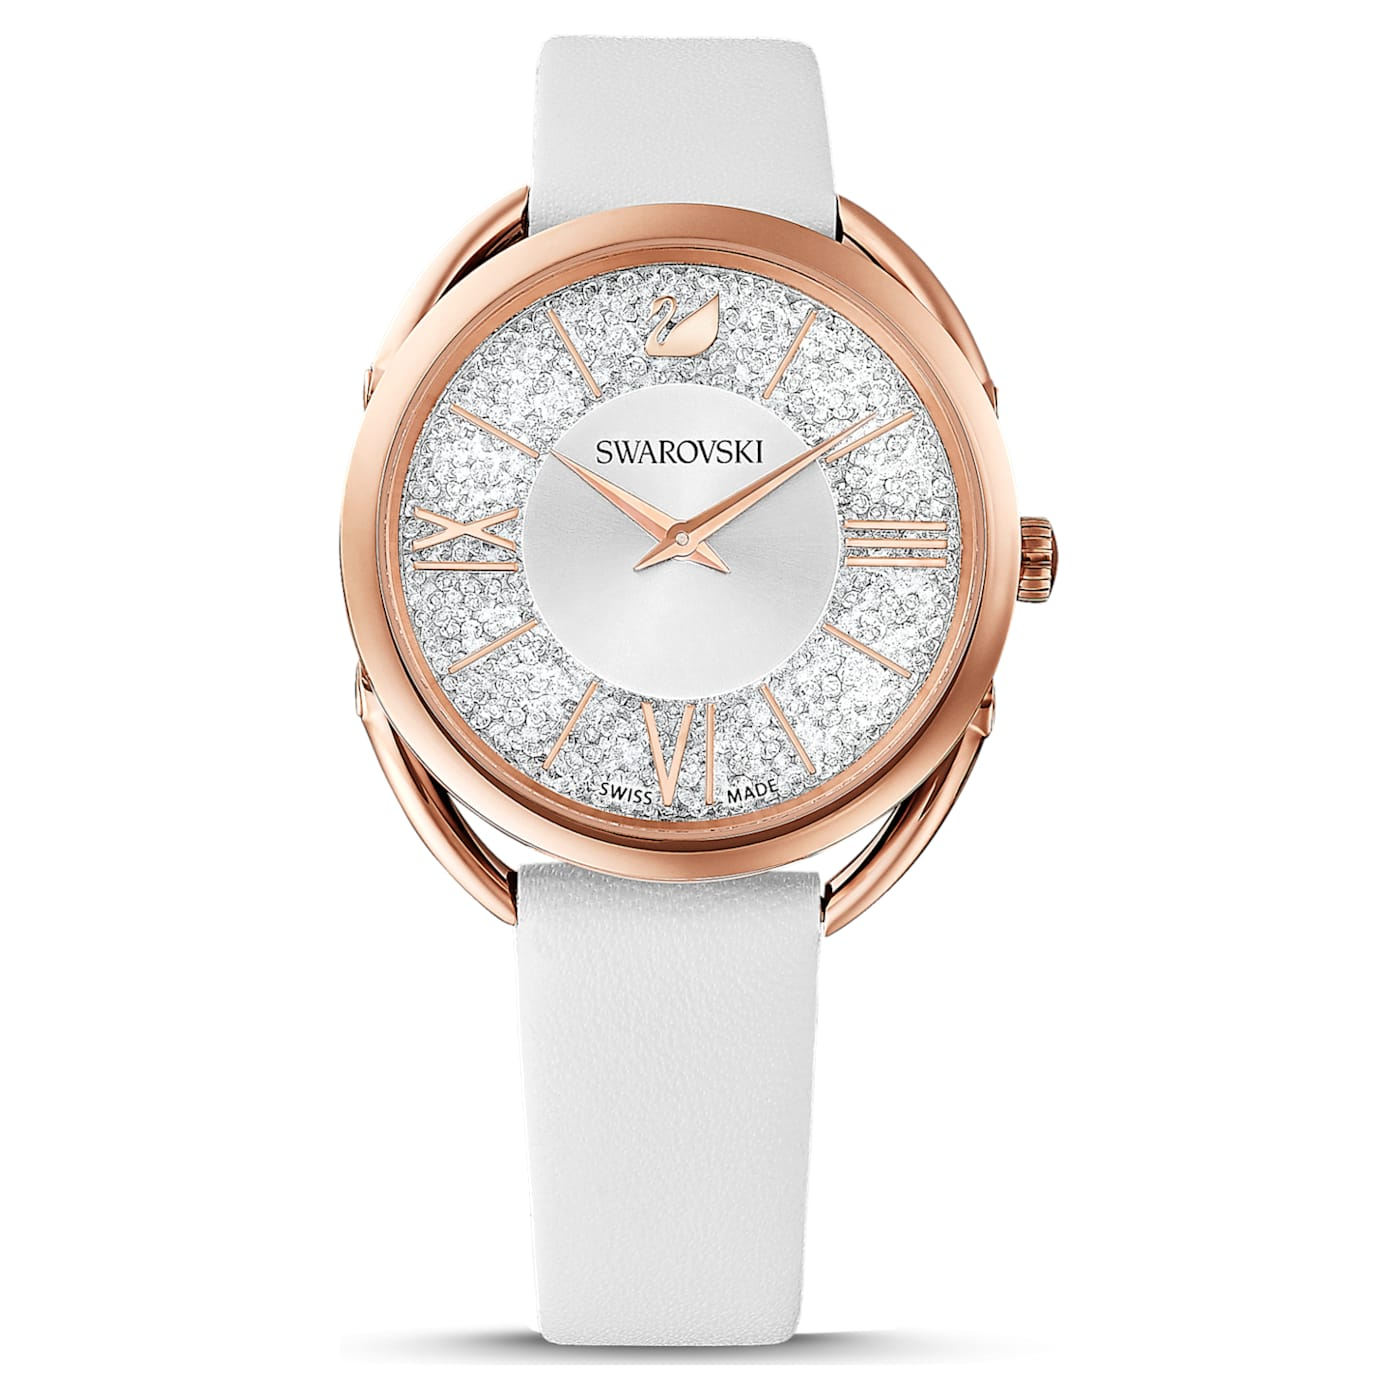 Montre Crystalline Glam bracelet en cuir, Blanc, PVD doré rose, Swarovski